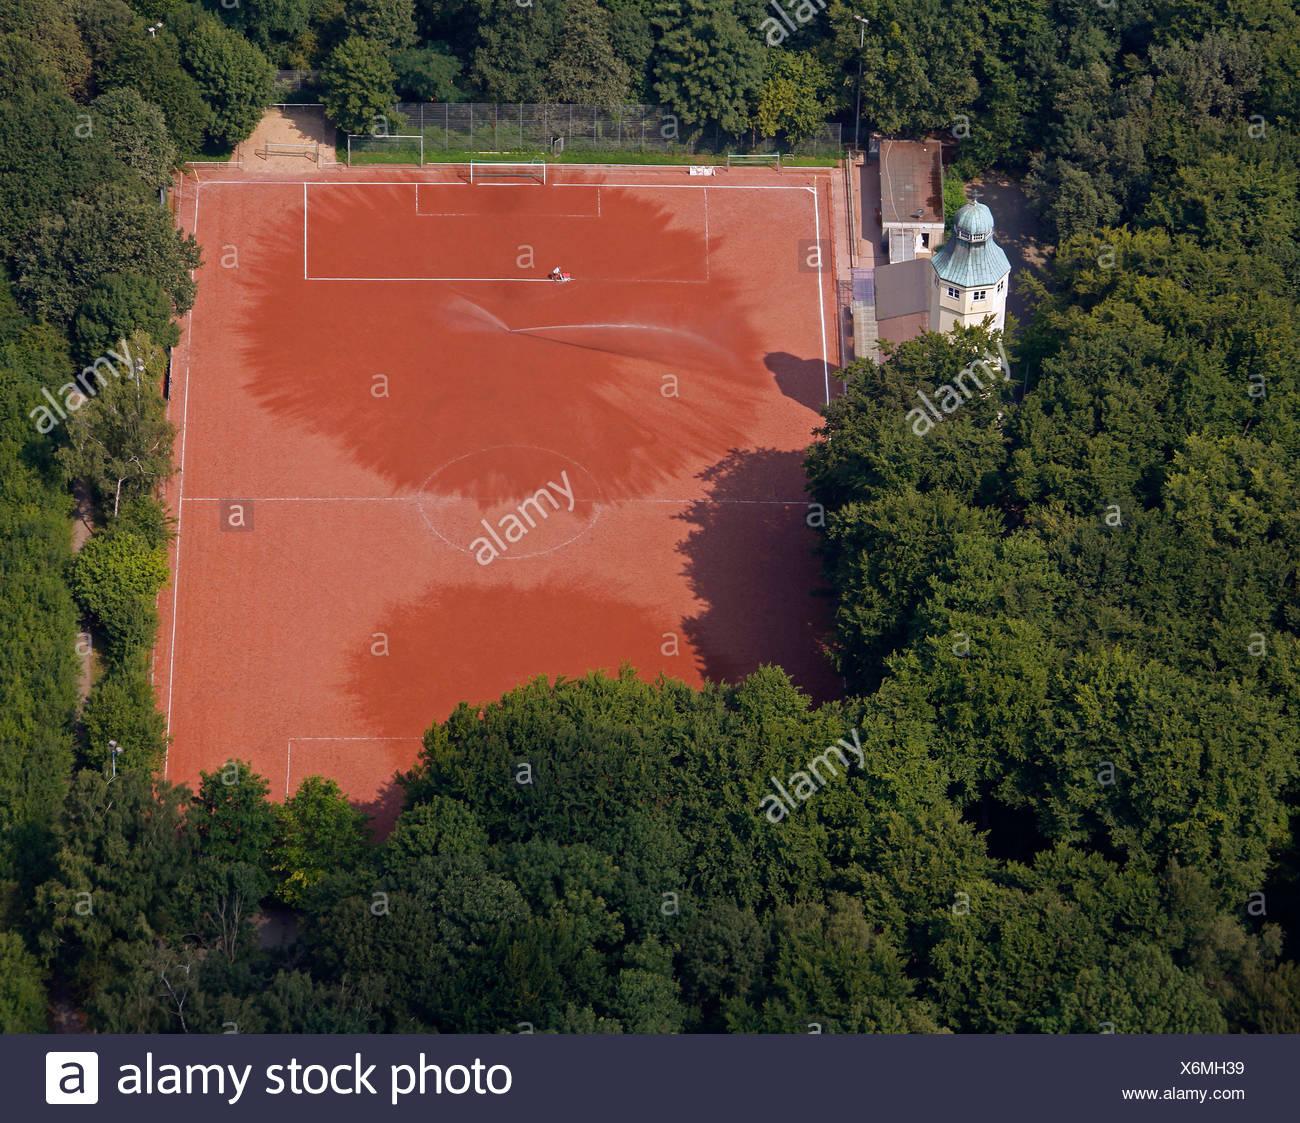 Vista aérea del parque Volkspark, y un campo de deportes, Herne, área de Ruhr, Renania del Norte-Westfalia, Alemania, Europa Imagen De Stock